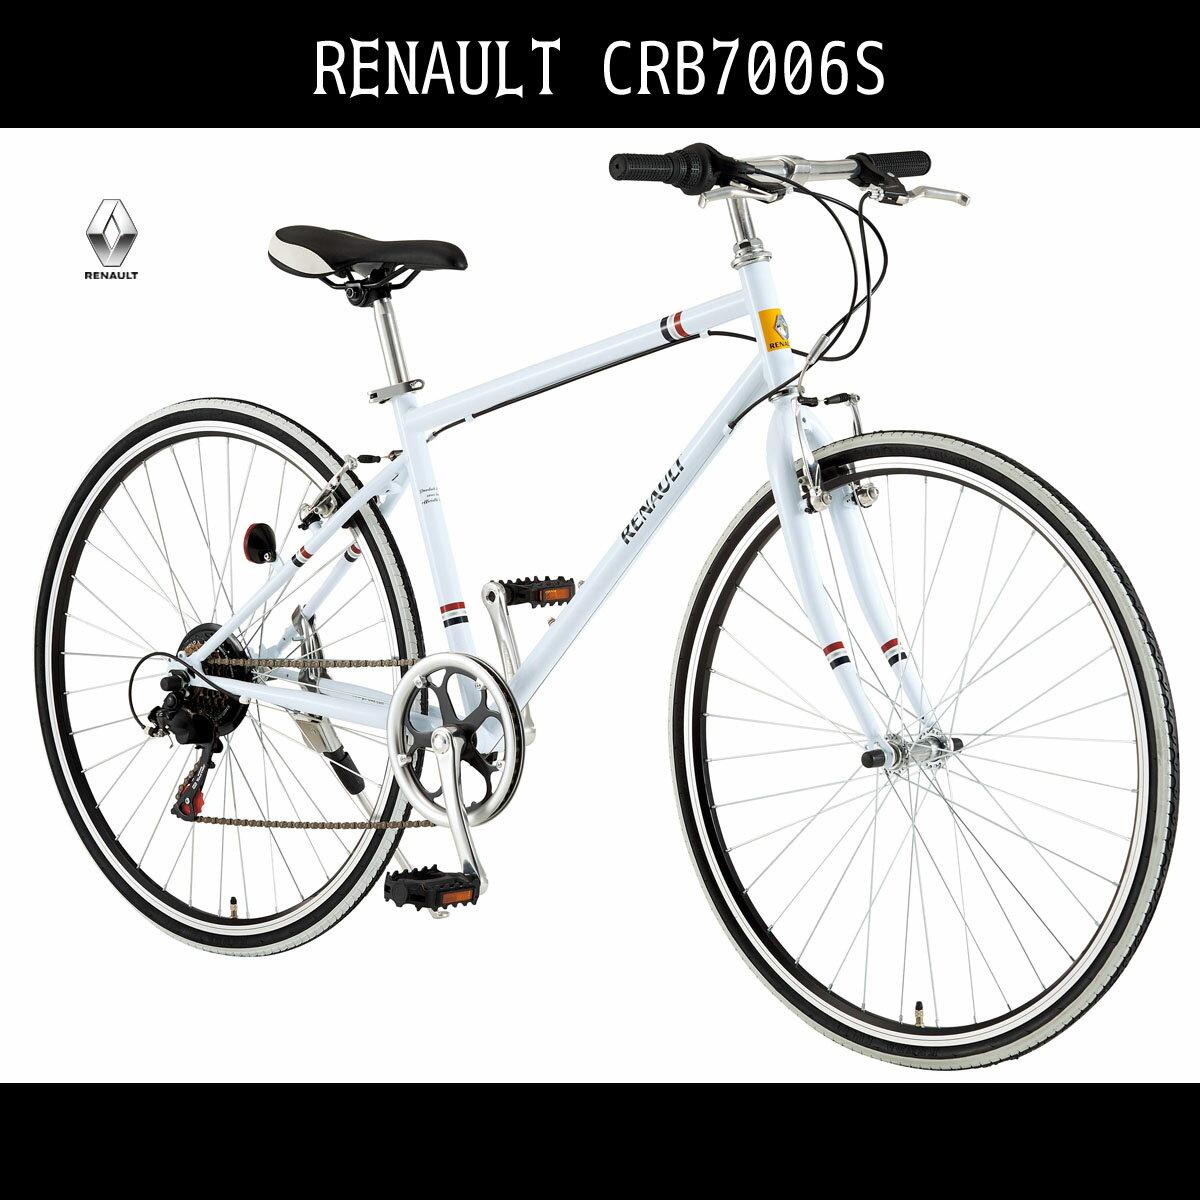 限定クーポン配布中!配送先一都三県一部地域限定送料無料 クロスバイク ルノー 自転車 ホワイト 白色700c クロスバイク 軽量 外装6段変速ギア付き CRB7006S スピード6段ギアでストライプタイヤなので、 かっこよくツーリングができる自転車 RENAULT ルノー